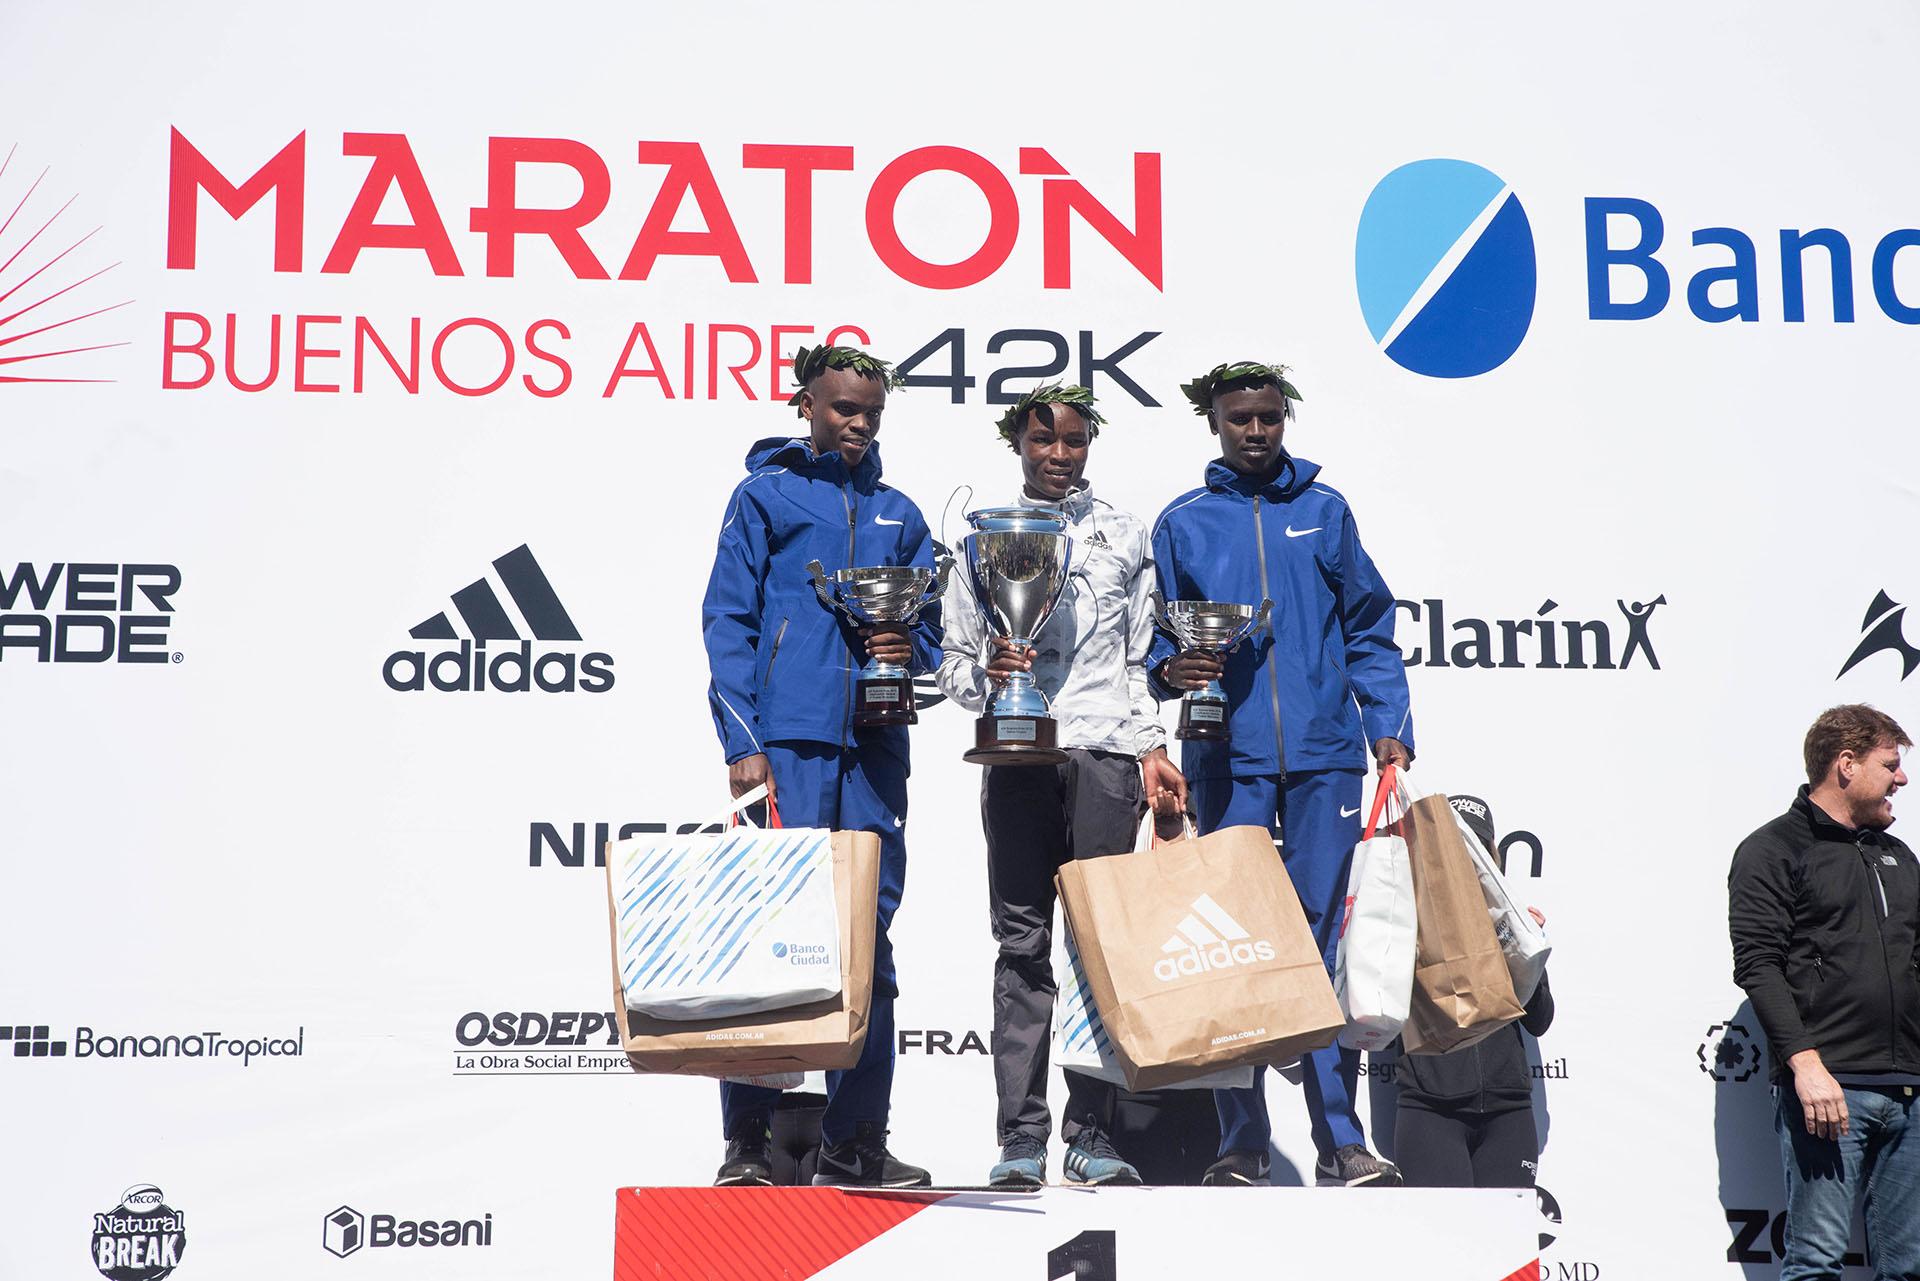 Los tres integrantes del podio, con sus trofeos y regalos en las manos